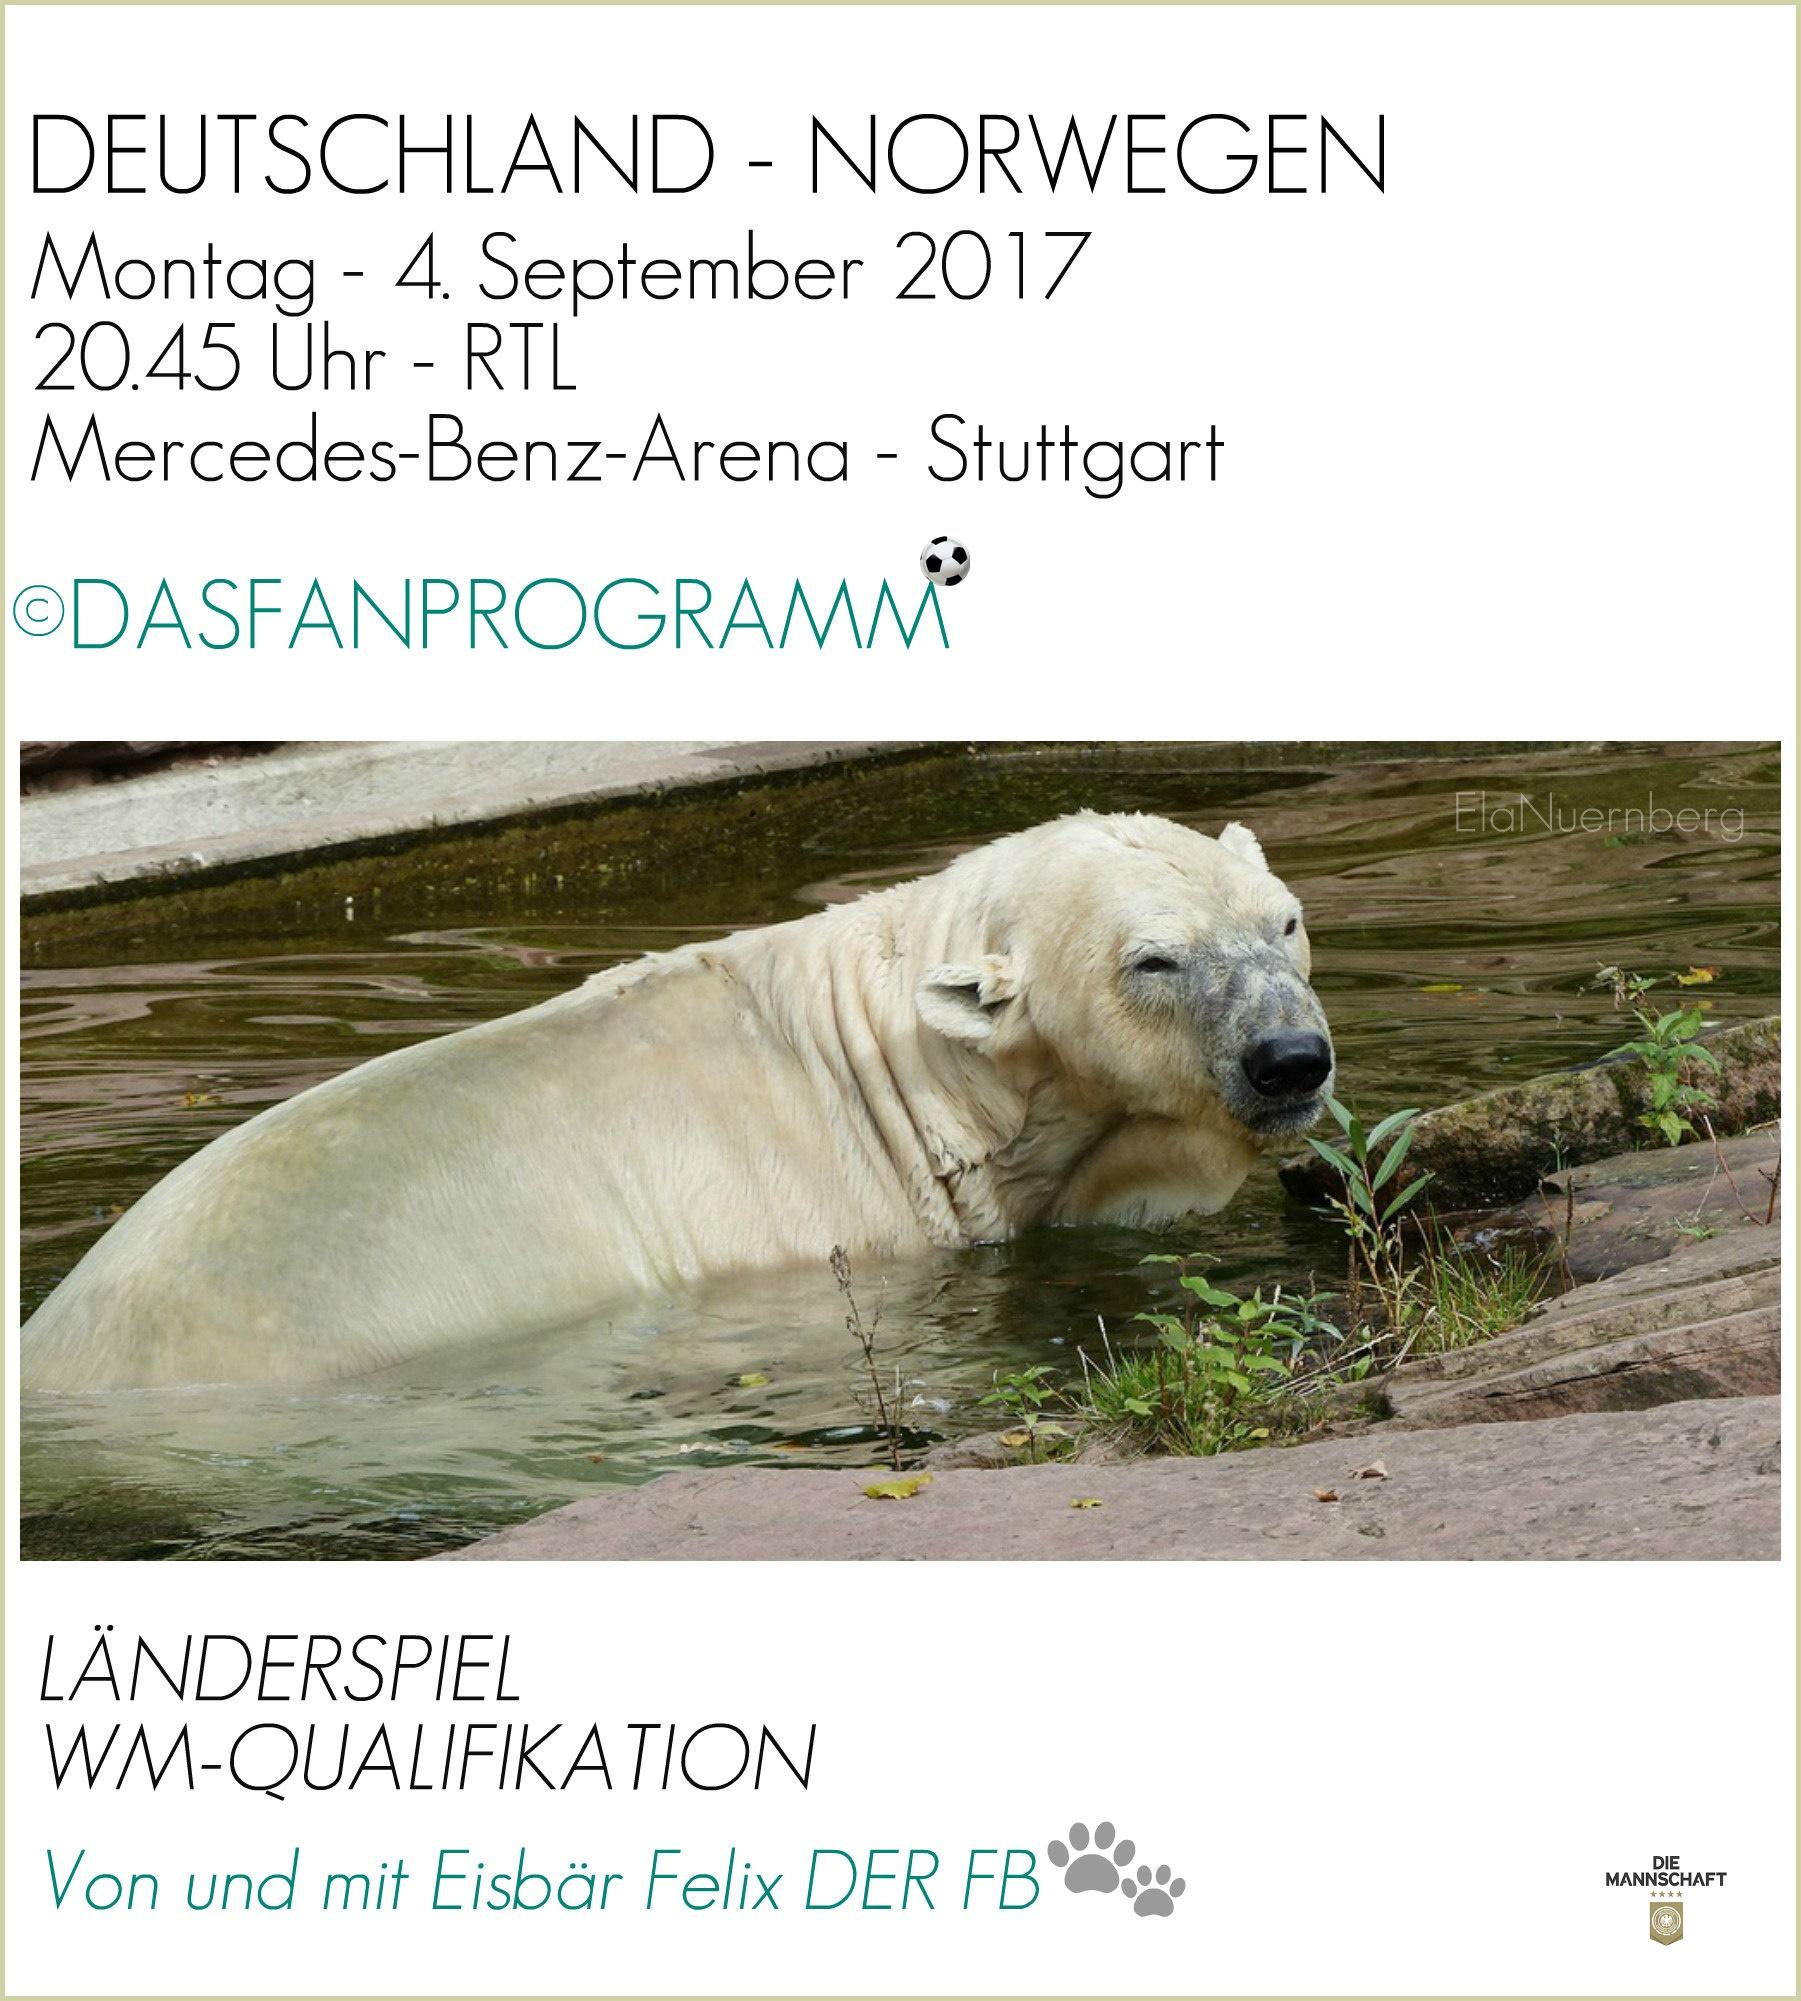 Eisbär Felix DER FanBeauftragte beim Baden